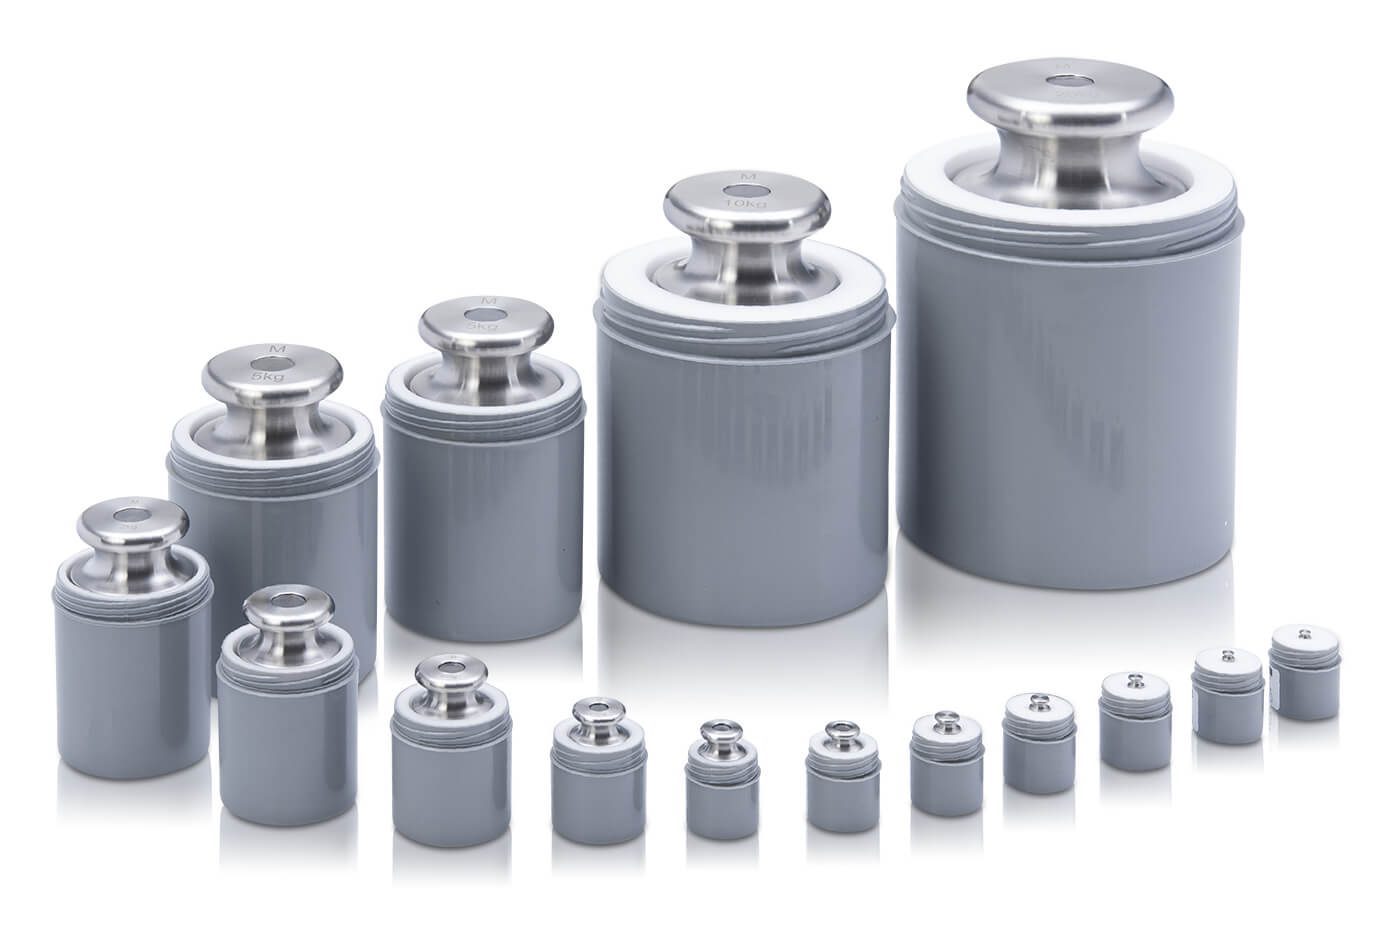 M1 Einzelgewichte aus Edelstahl  in gepolstertem Kunststoffbehälter